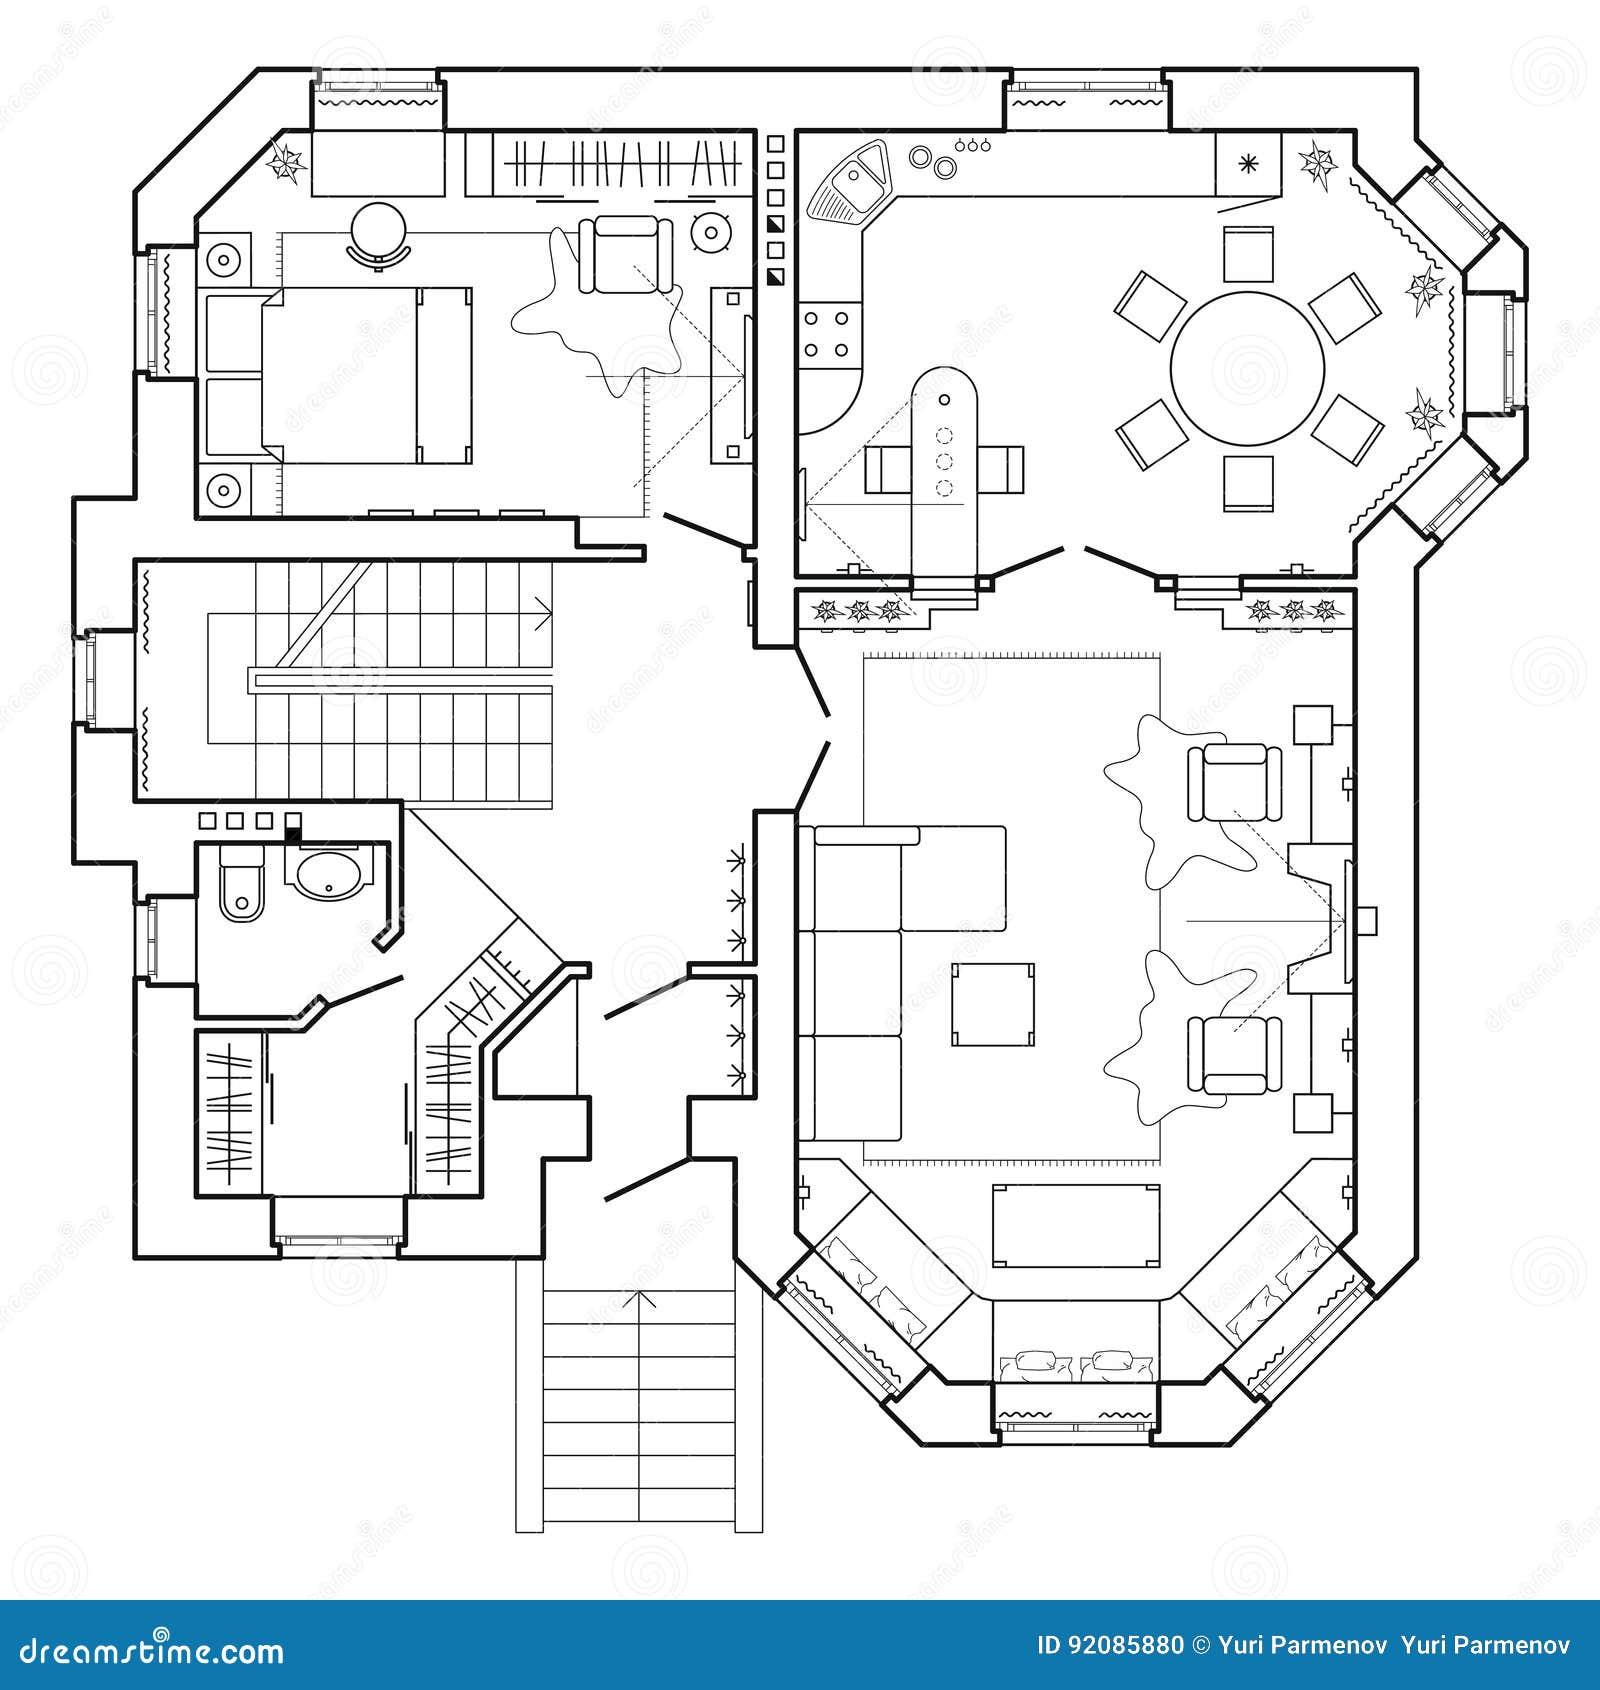 Plan Arquitect Nico Blanco Y Negro De Una Casa Disposici N Del  # Muebles Dibujo Arquitectonico